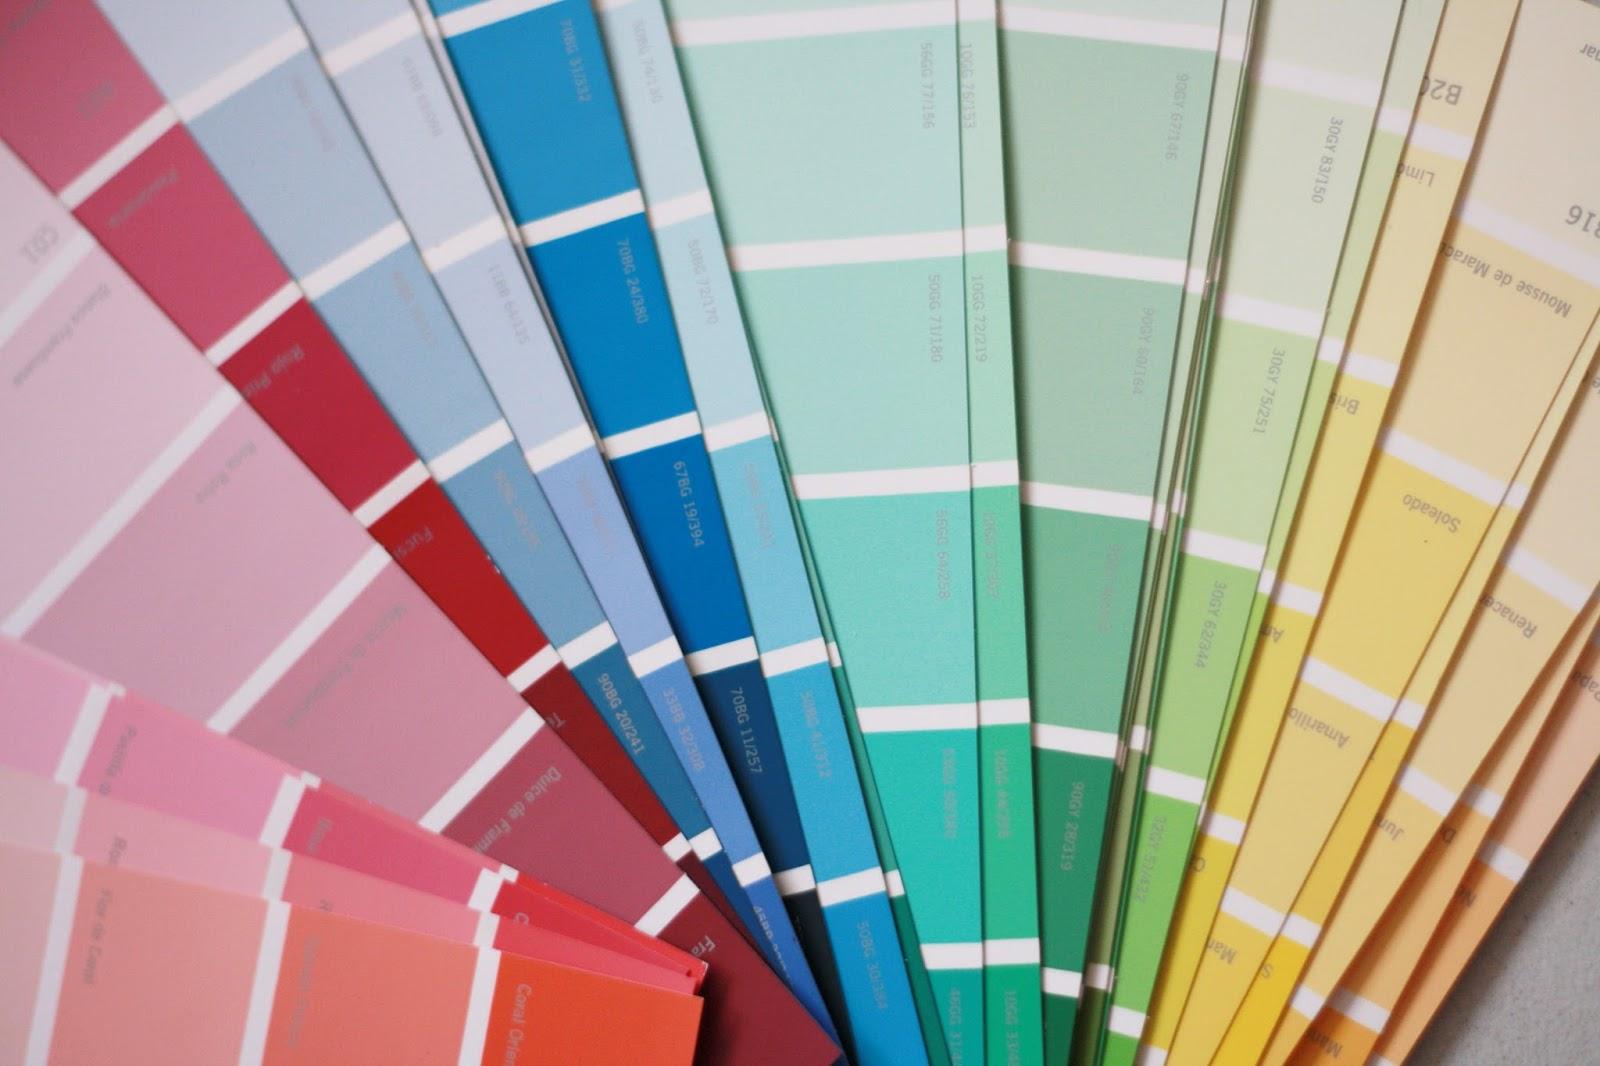 Cantando victoria cuadro con muestras de pintura versi n for Muestra colores pintura pared